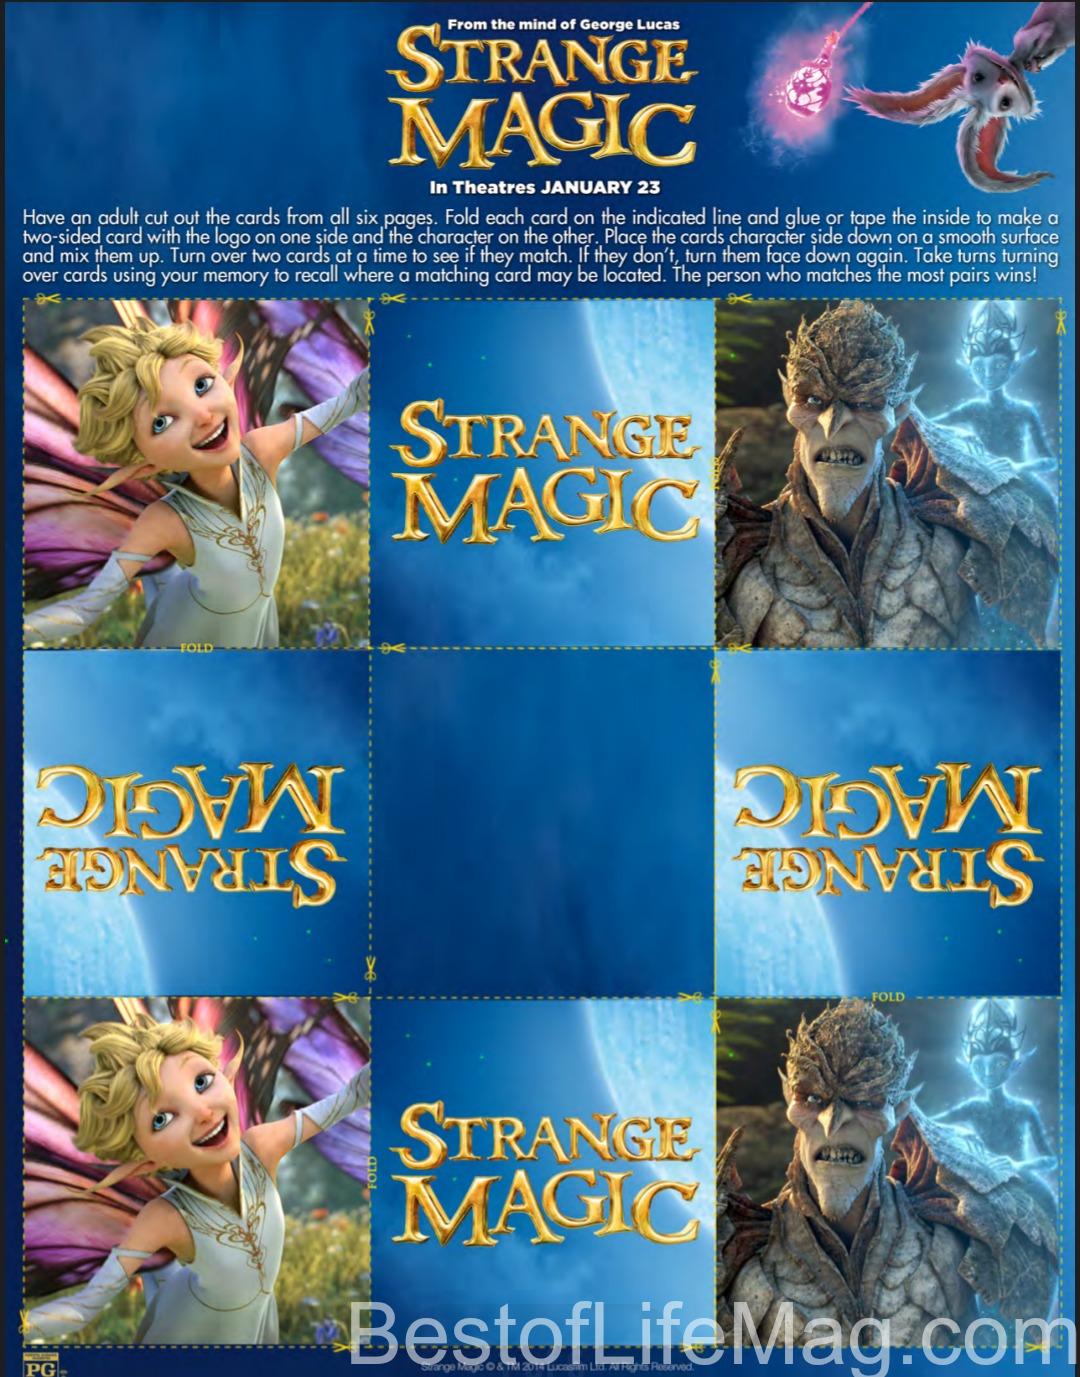 Strang Magic